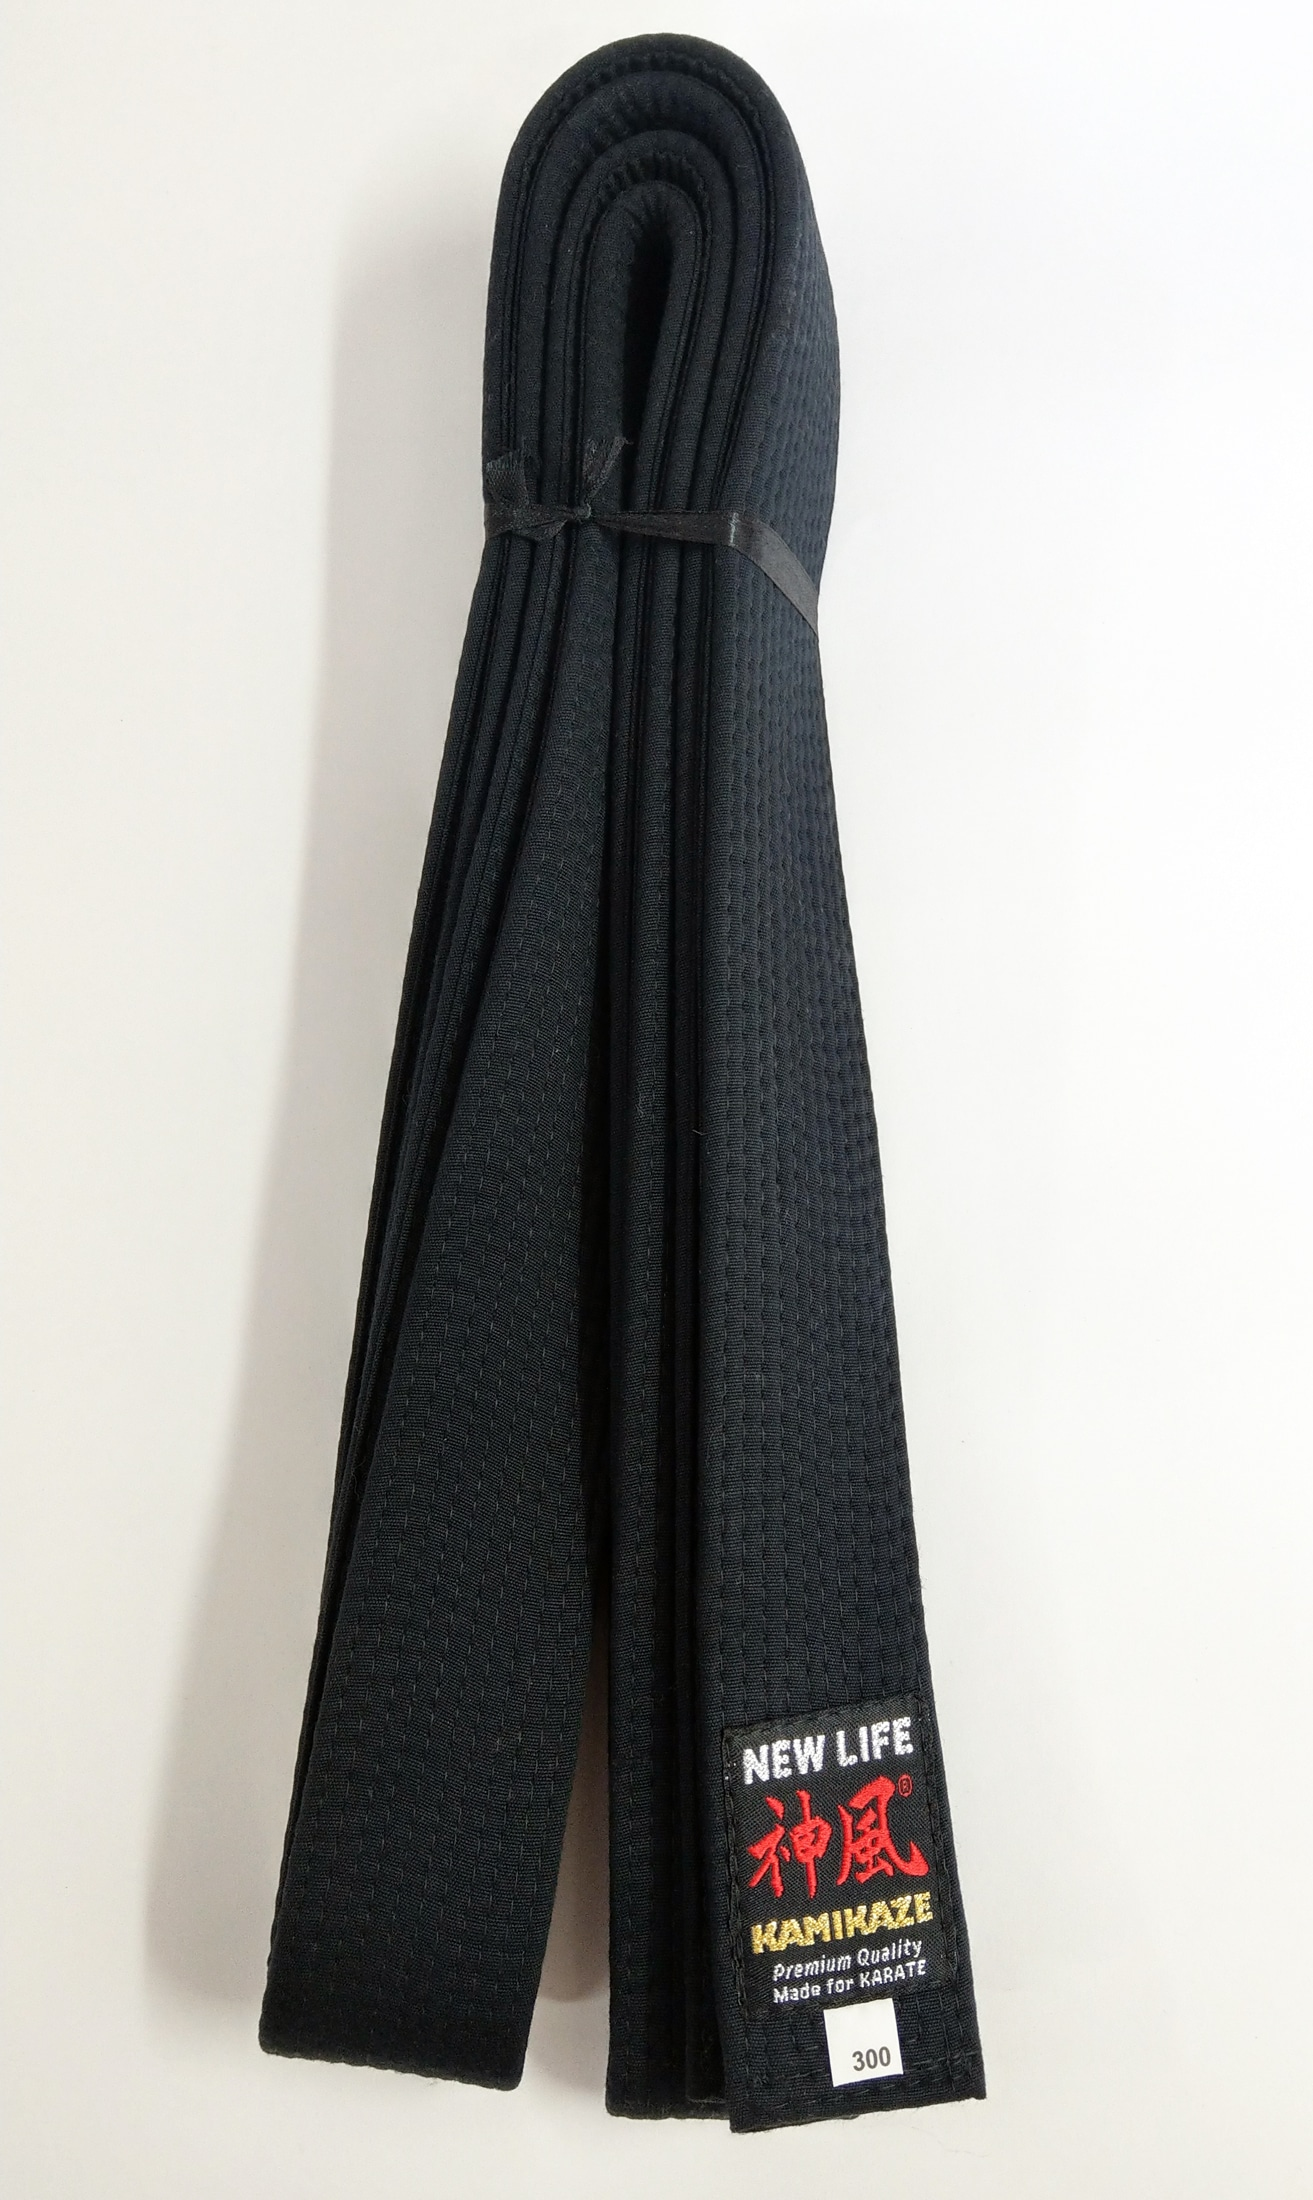 Ceinture Noire de Karate KAMIKAZE coton EXTRA LARGE - Qualité ... e600feca767